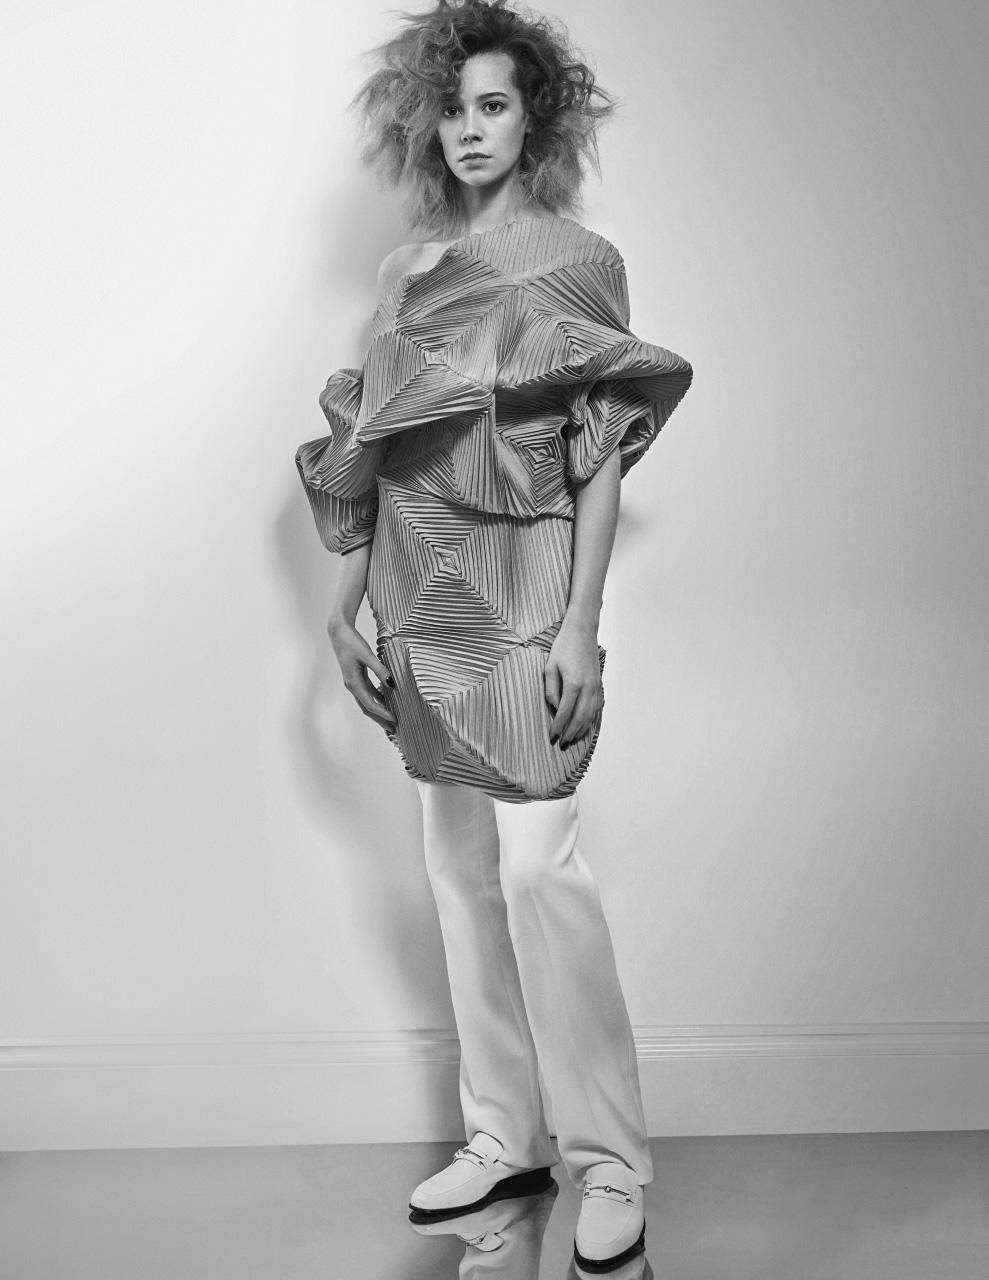 Chloe Pirrie Interview magazine2.jpg